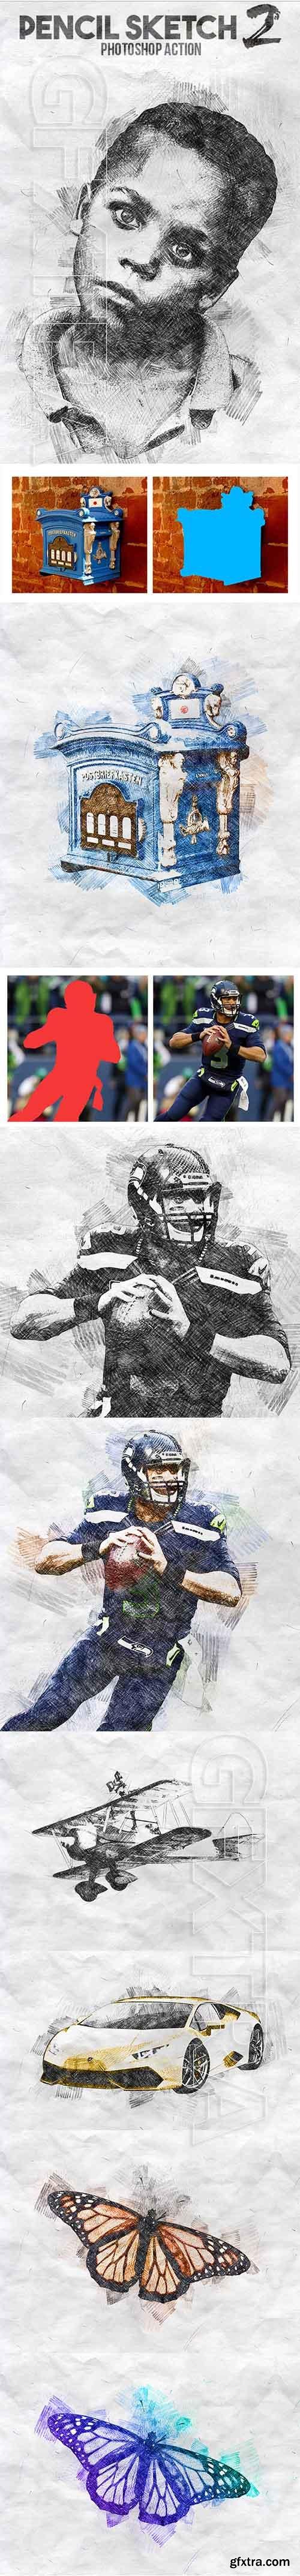 GraphicRiver - Pencil Sketch 2 Photoshop Action 20739406